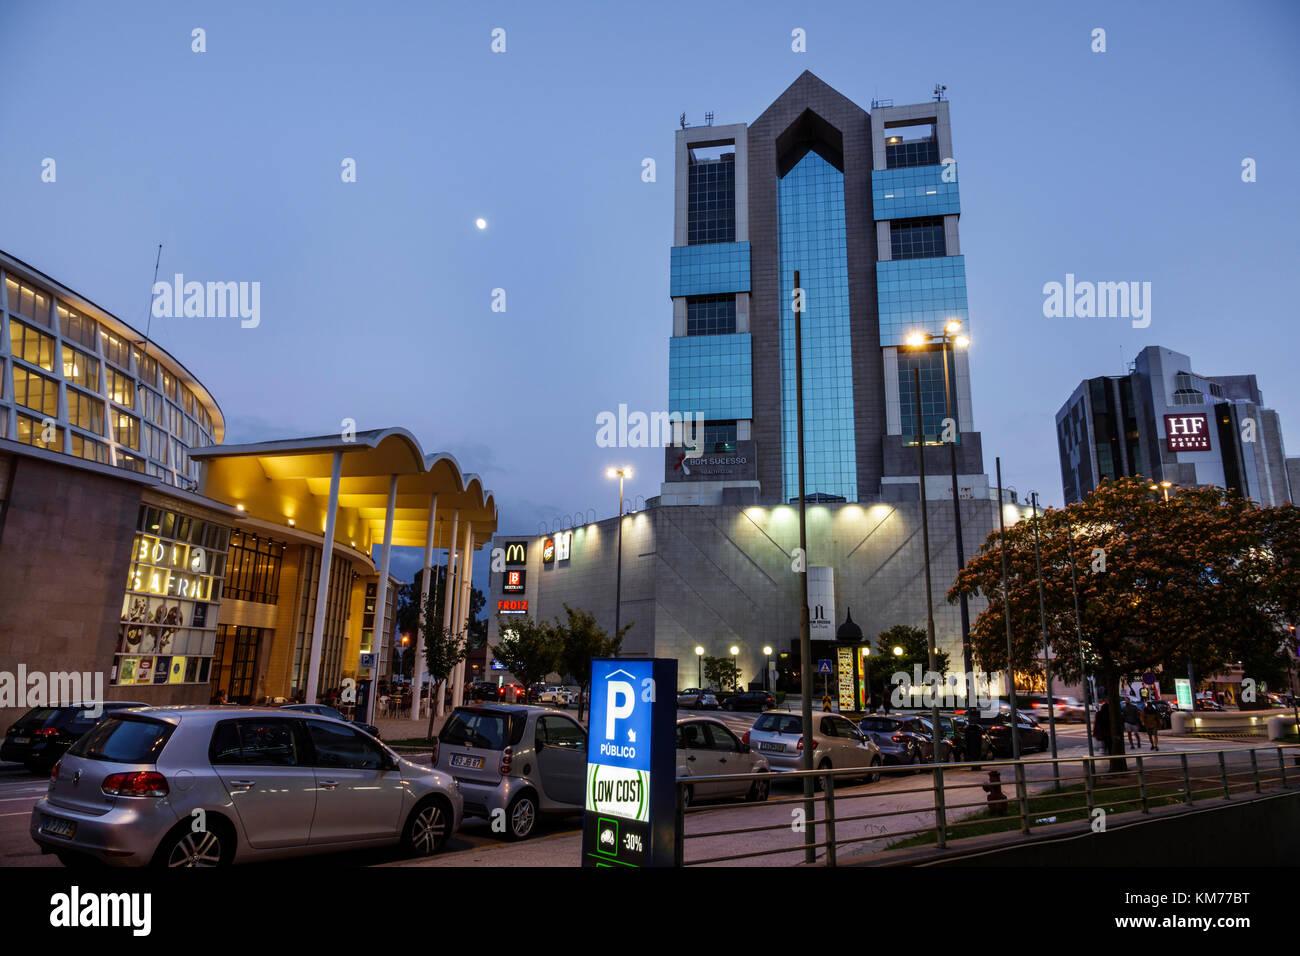 Porto Portugal Mercado do Bom Sucesso exterior Shopping Cidade do Porto building street parking moon dusk - Stock Image